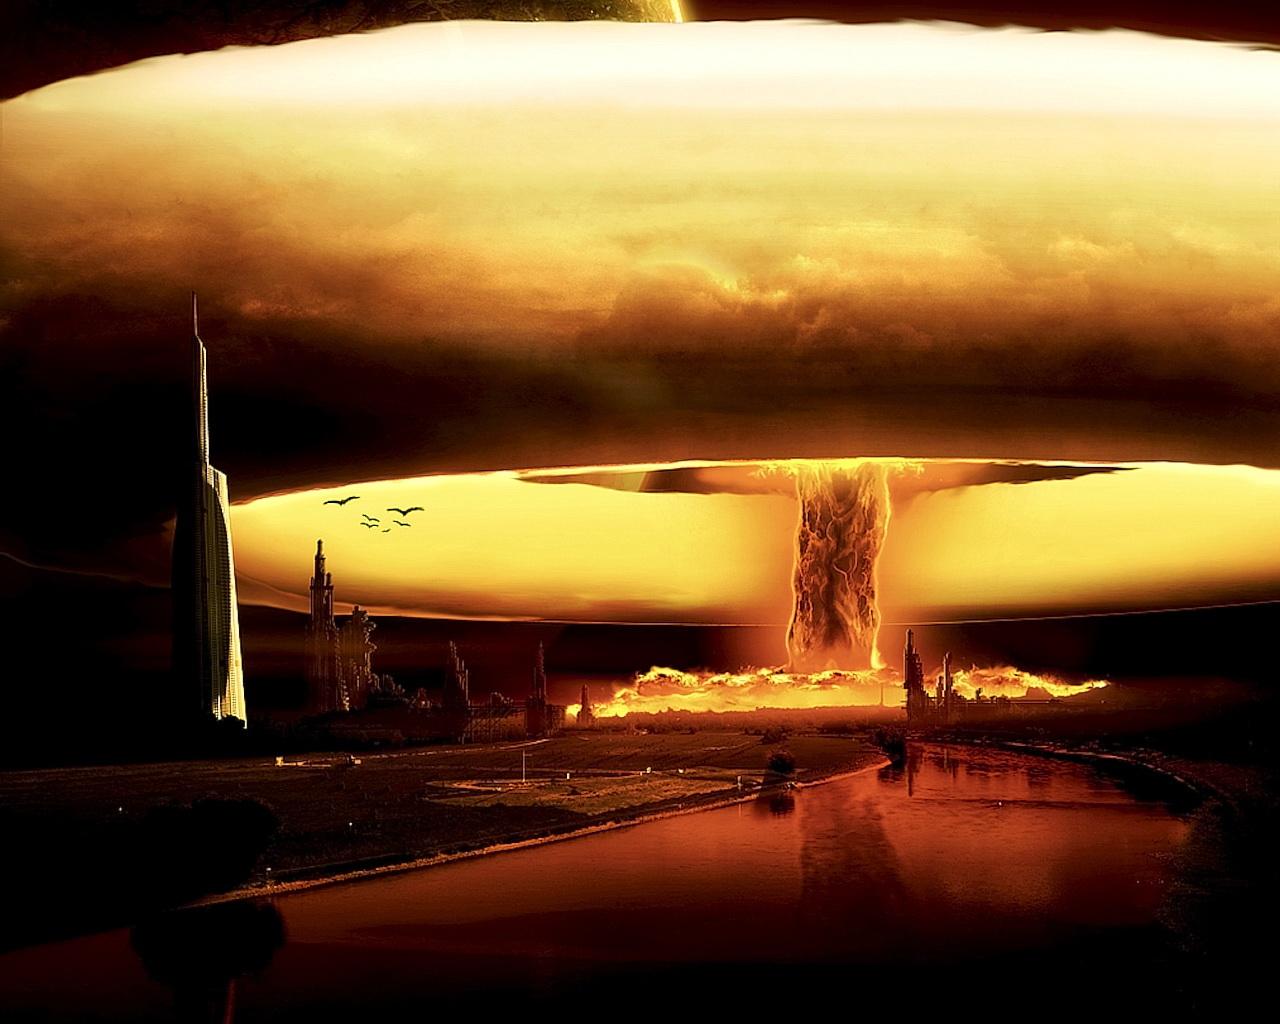 Tema para desahogarse de todo lo que nos ocurre sin faltar el respeto a miembros del foro - Página 5 Photoshop_The_nuclear_explosion___bomb_011528_